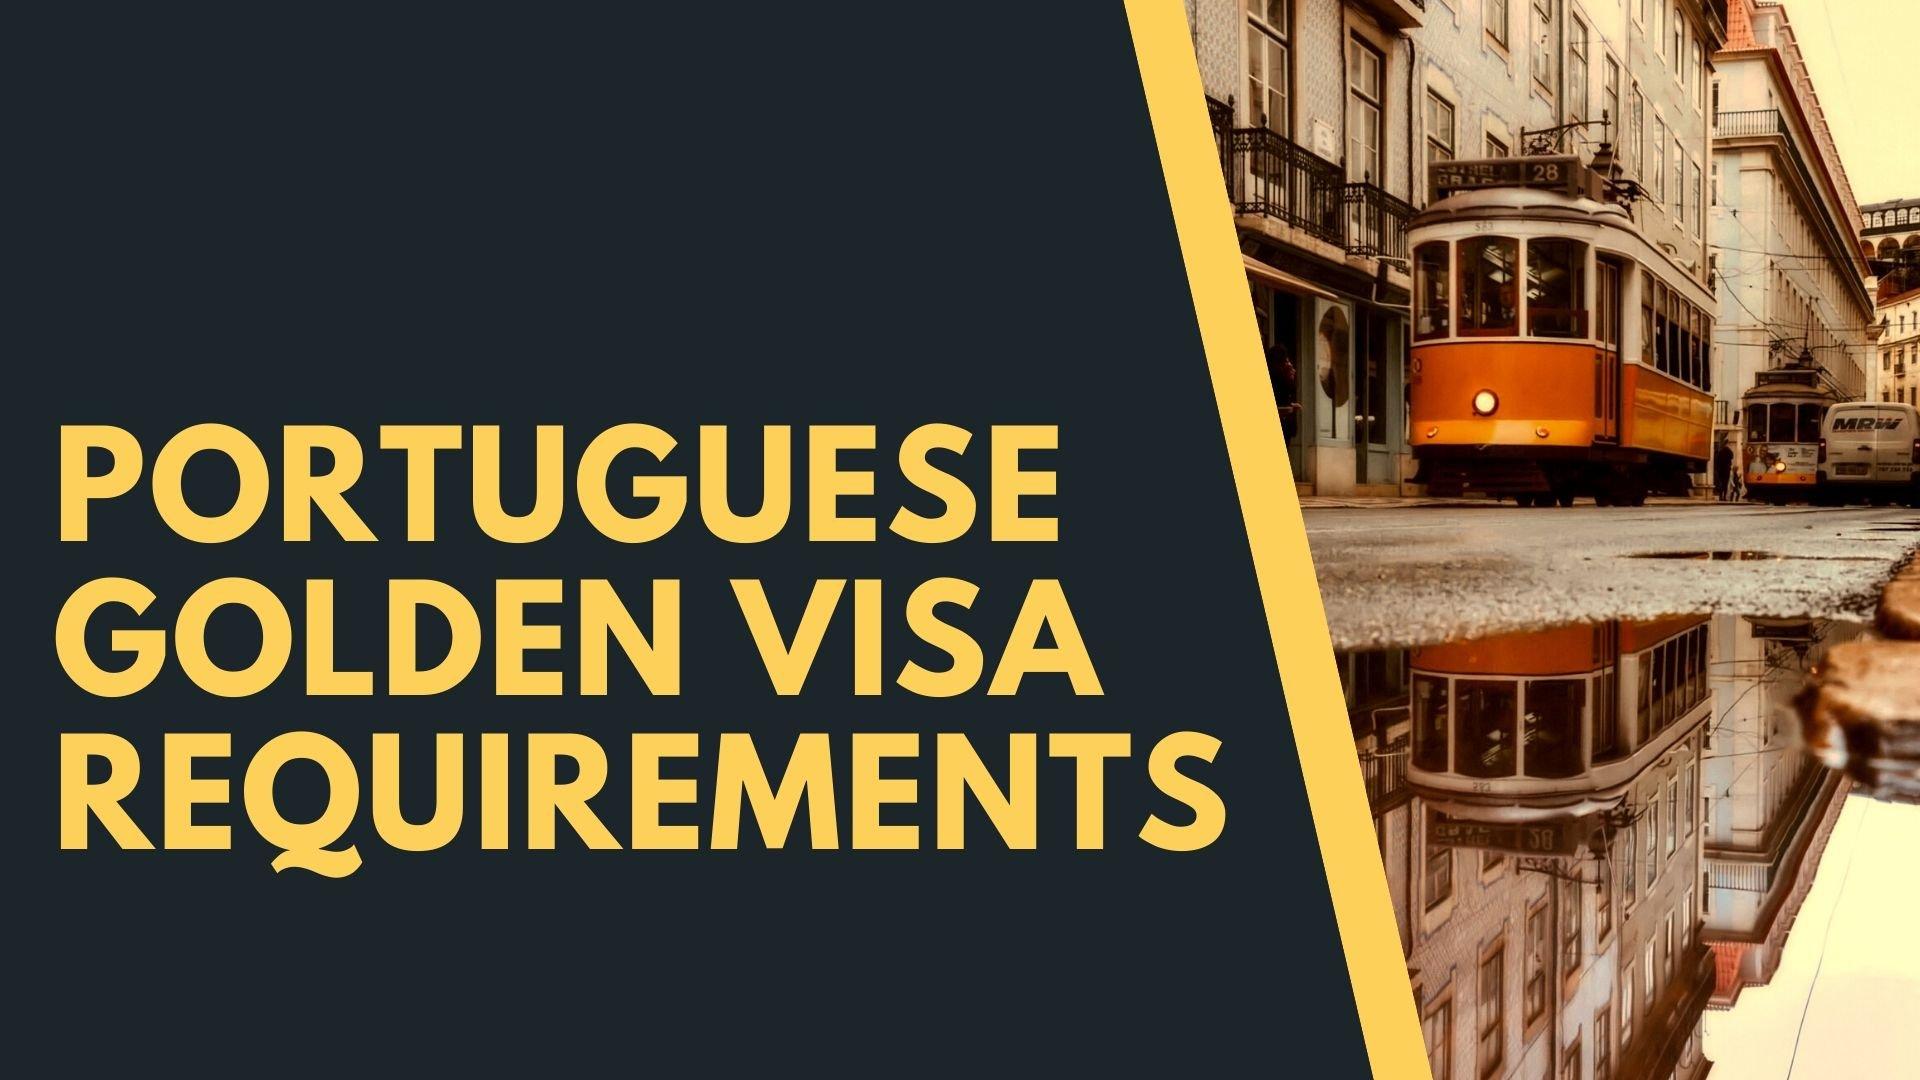 Portuguese Golden Visa Requirements